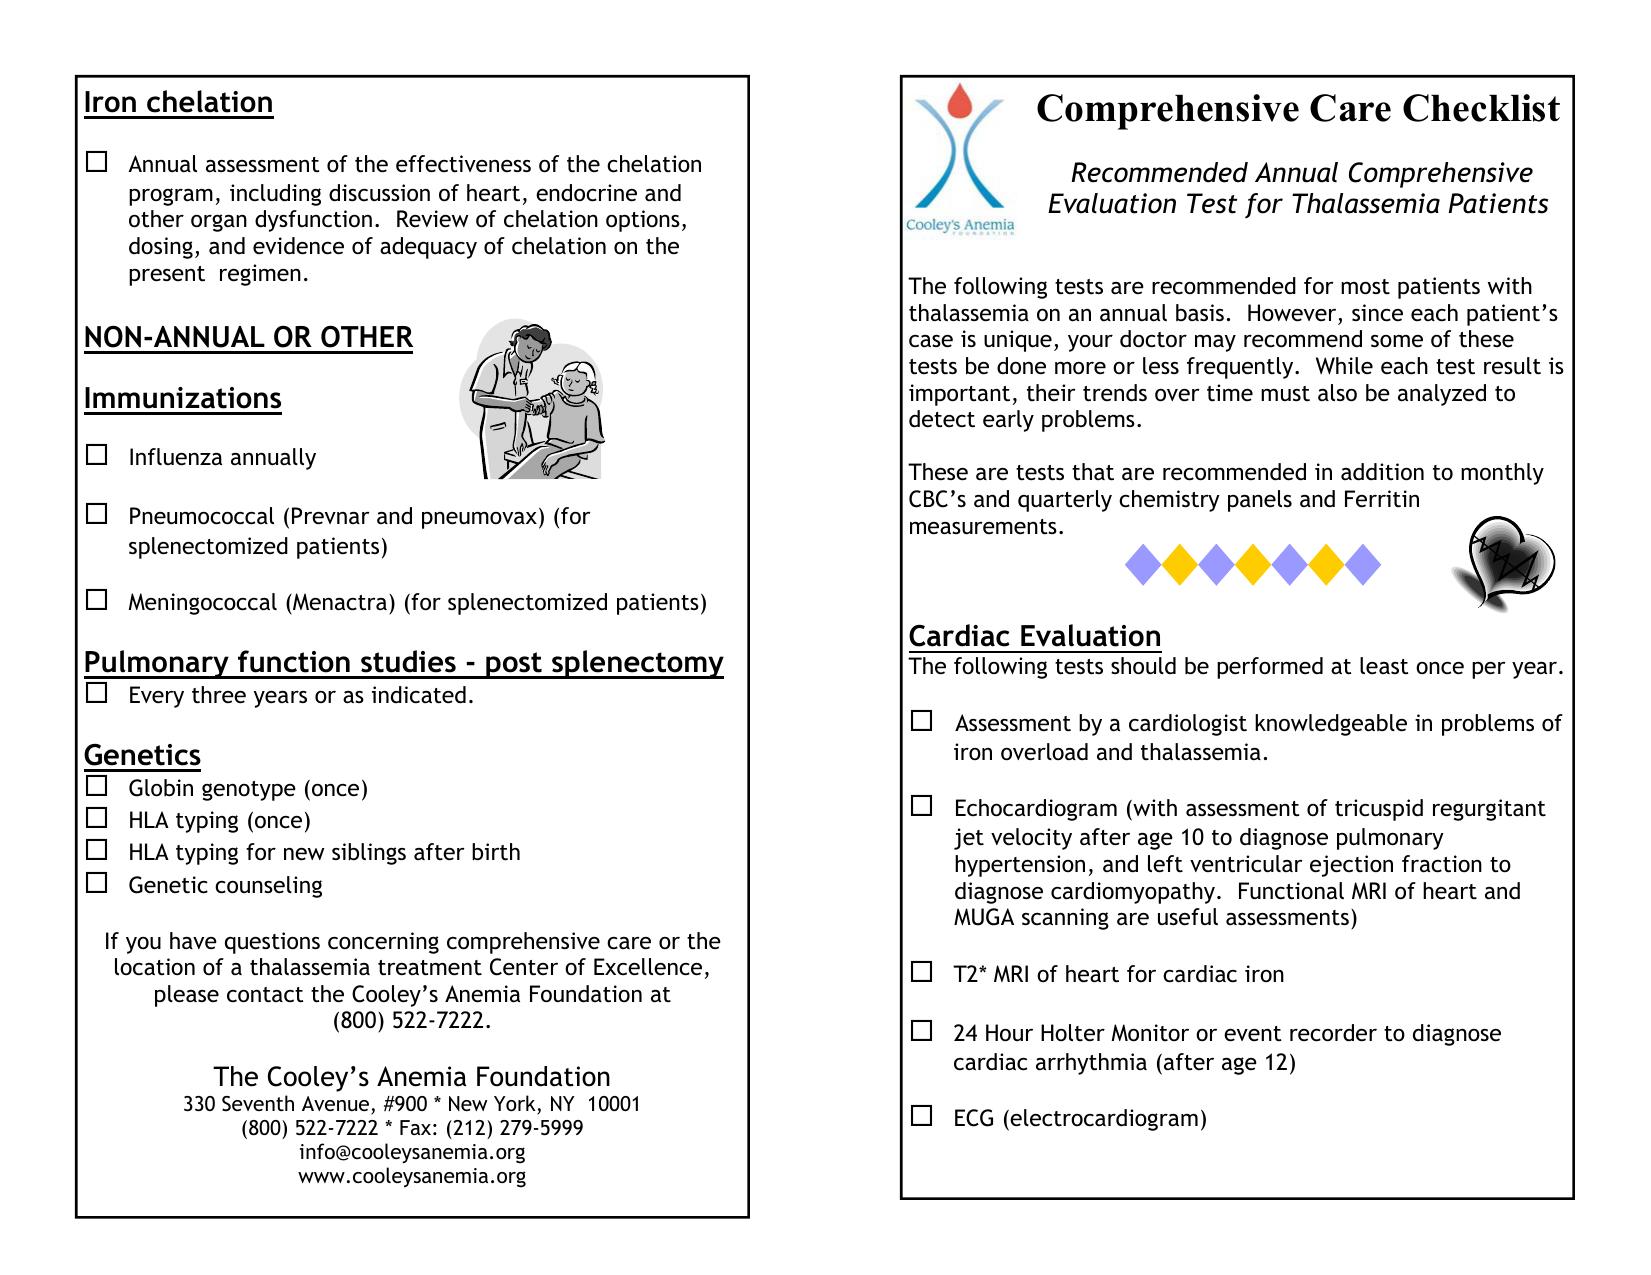 Comprehensive Care Checklist